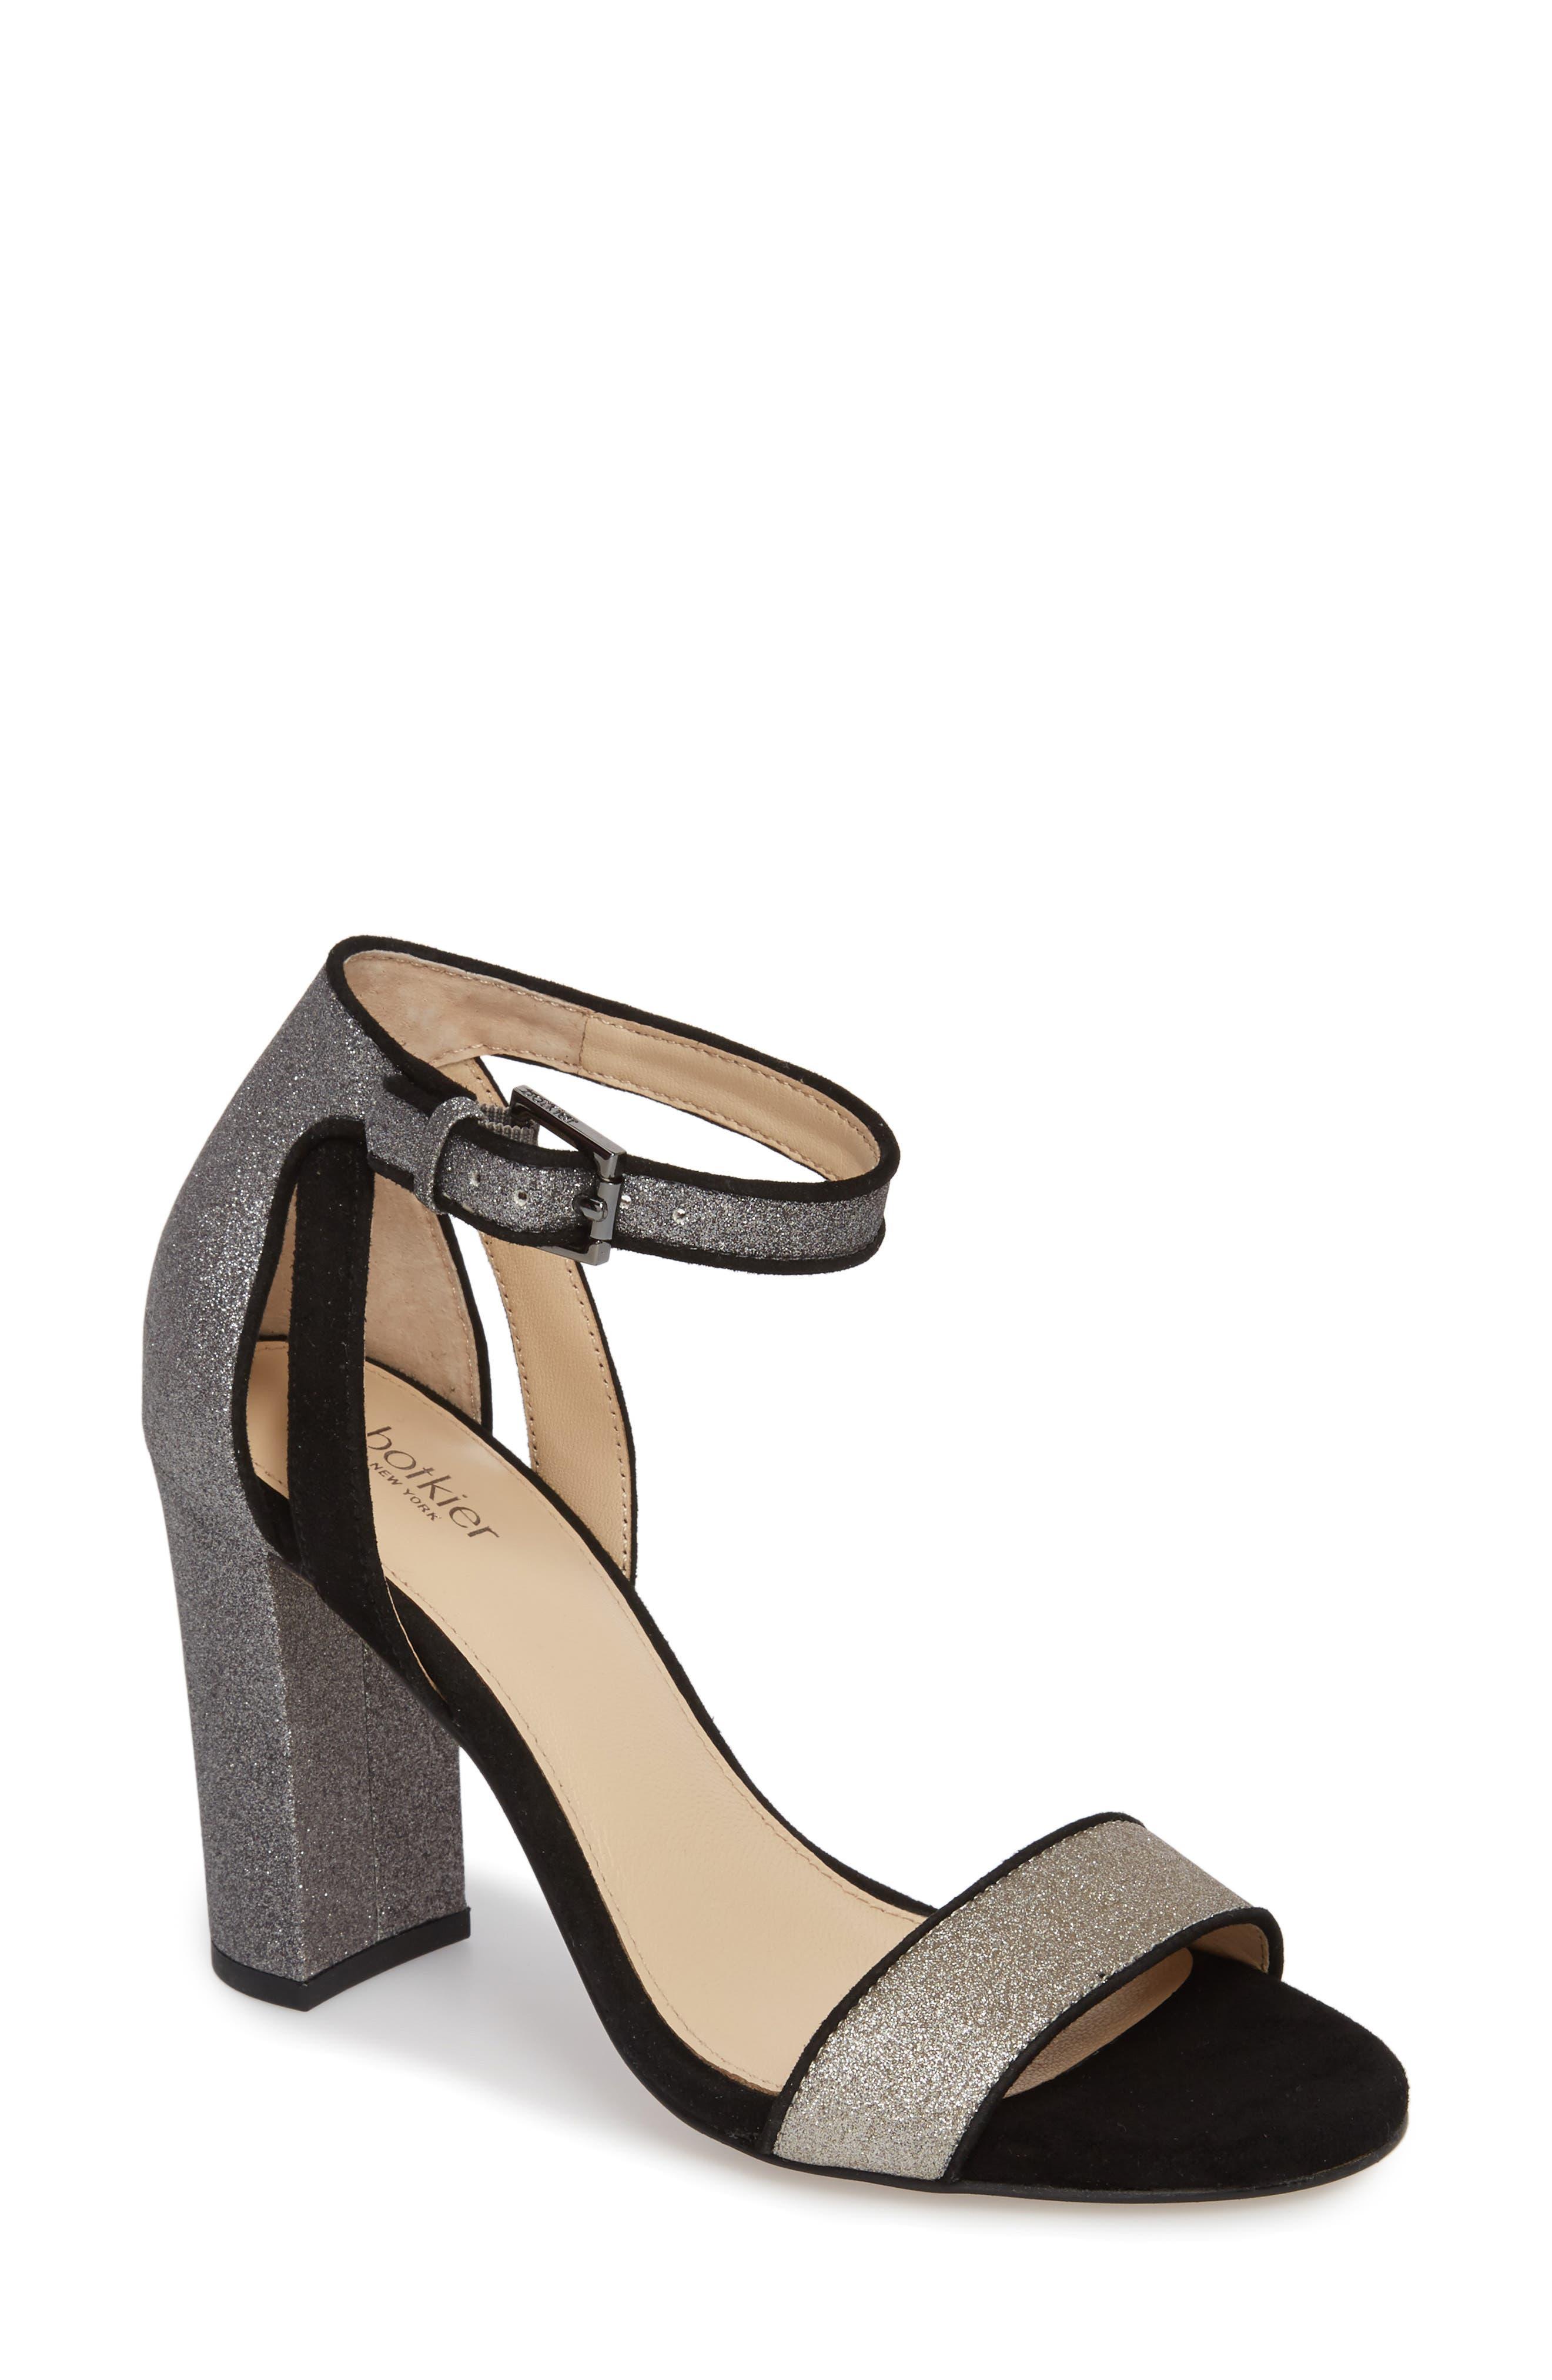 Gianna Ankle Strap Sandal,                         Main,                         color, Gunmetal Glitter